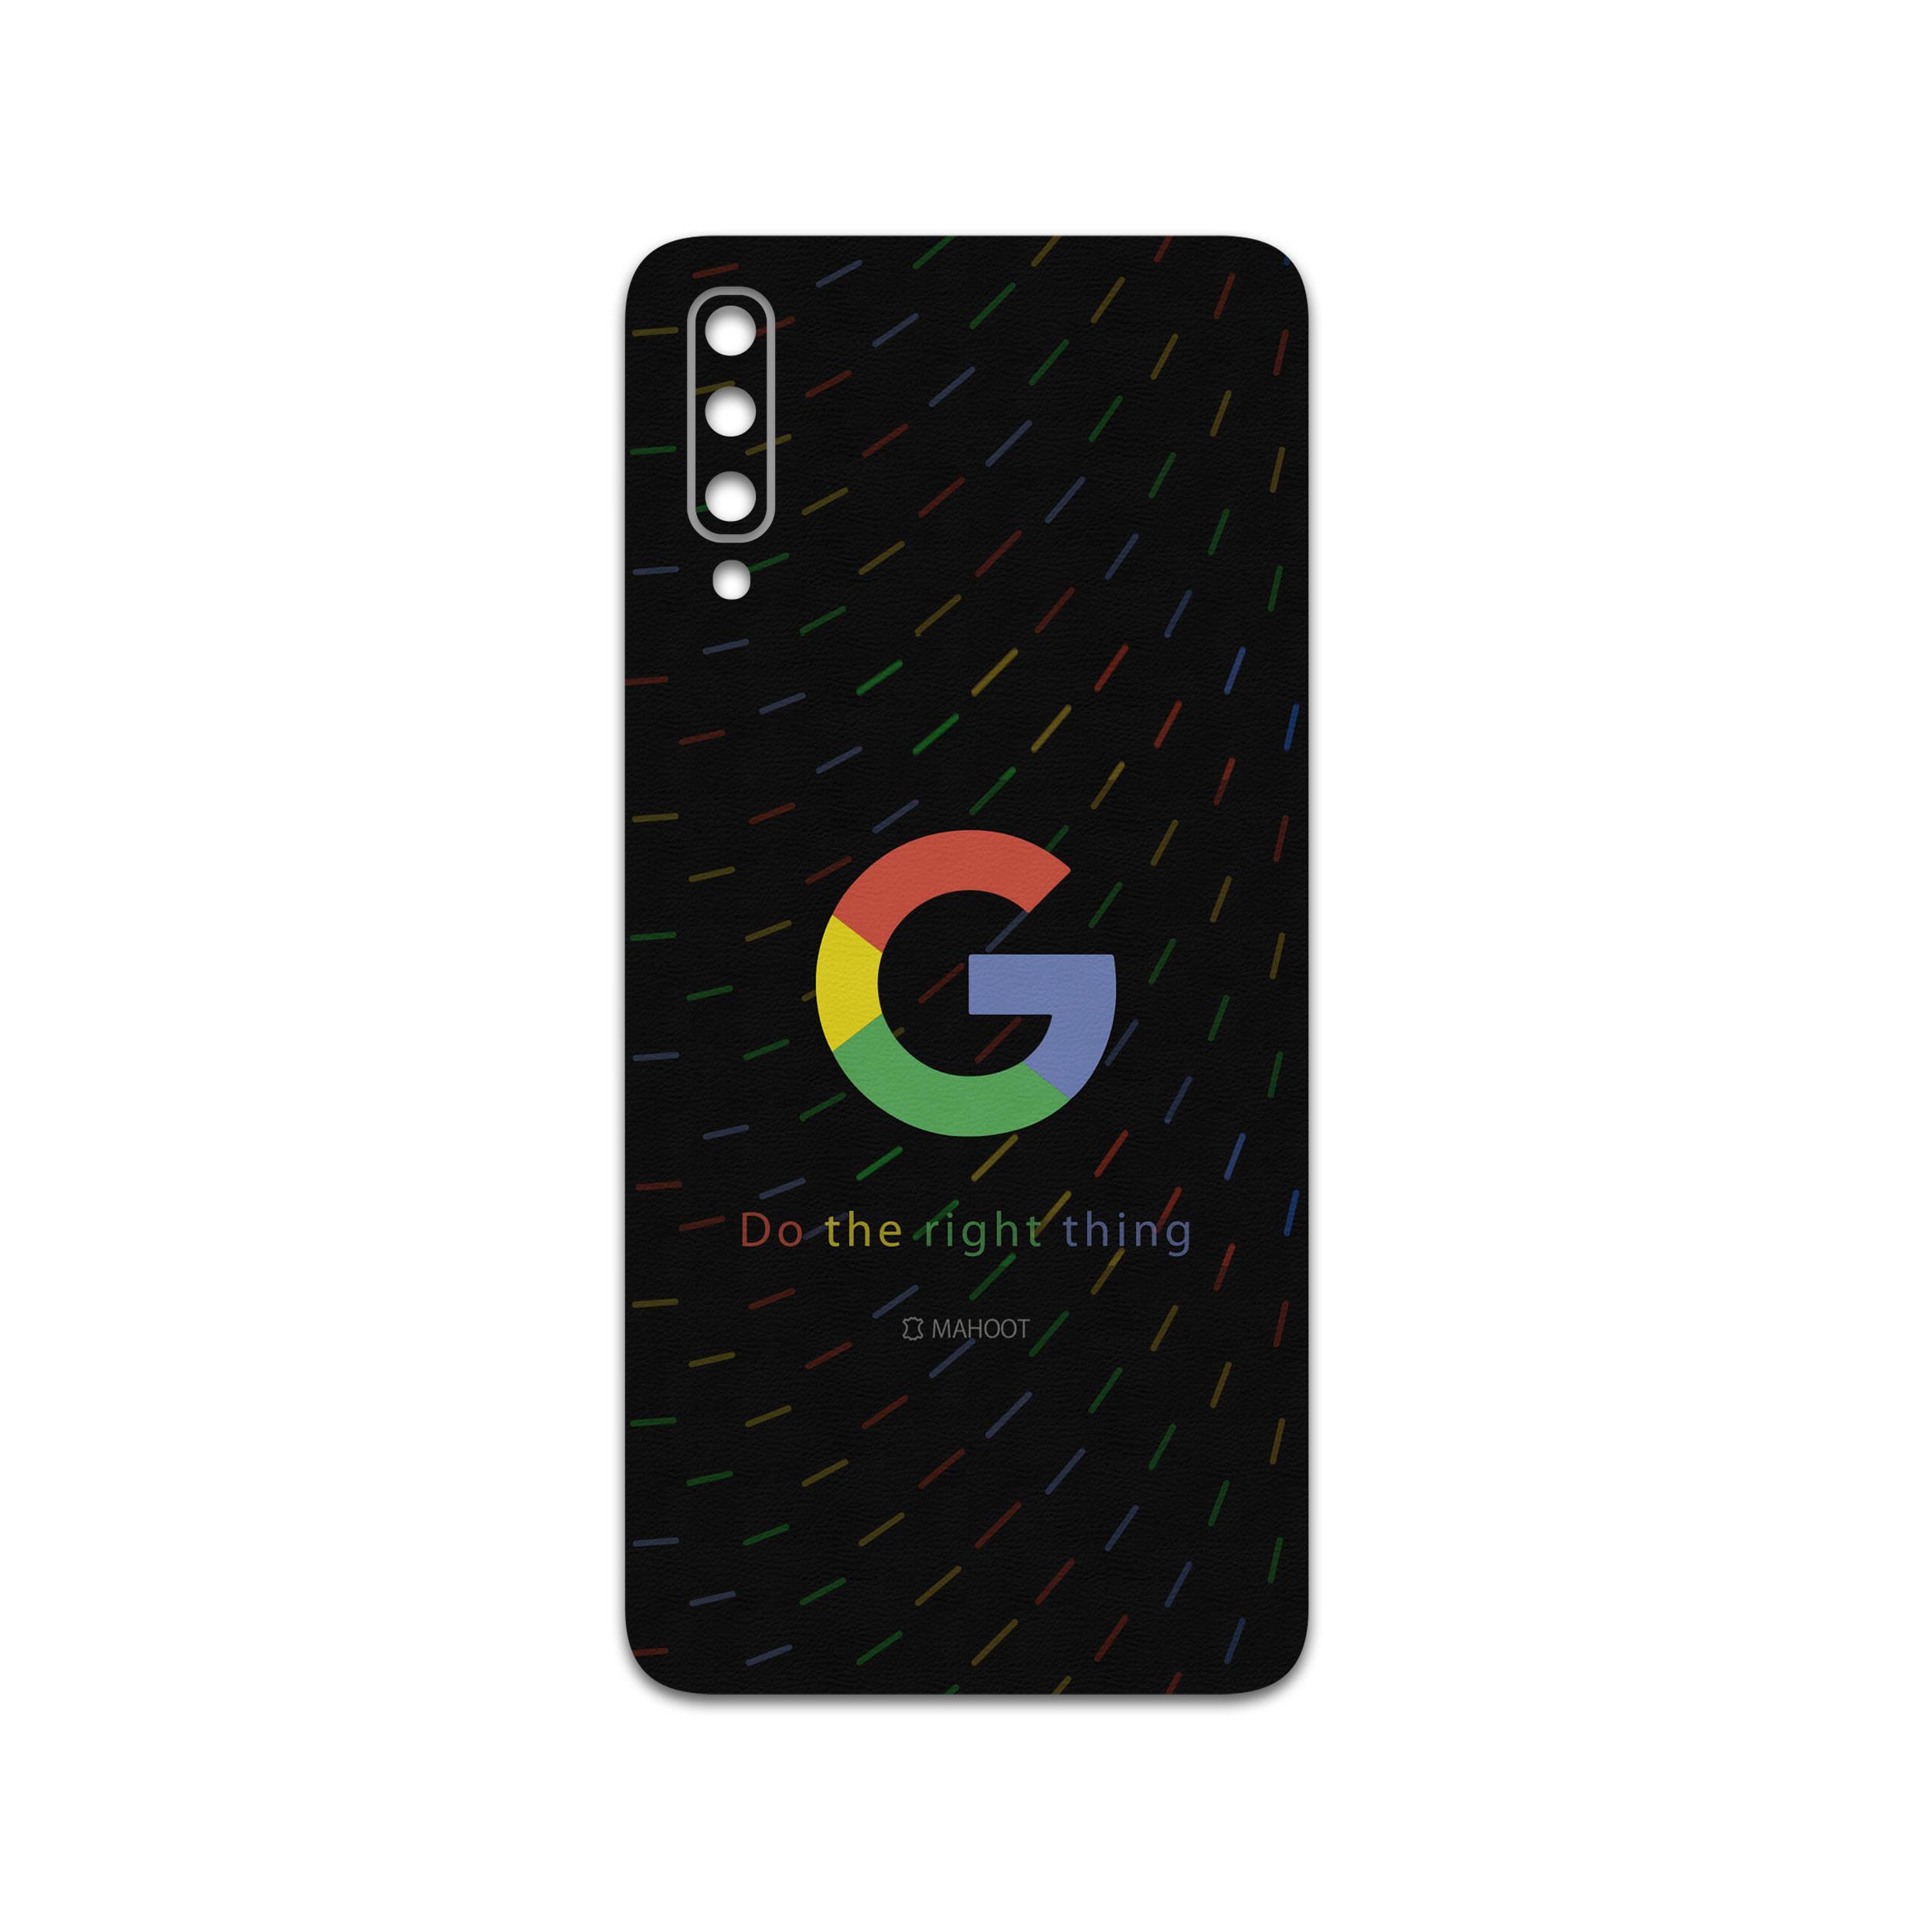 برچسب پوششی ماهوت مدل Ggl مناسب برای گوشی موبایل سامسونگ Galaxy A70